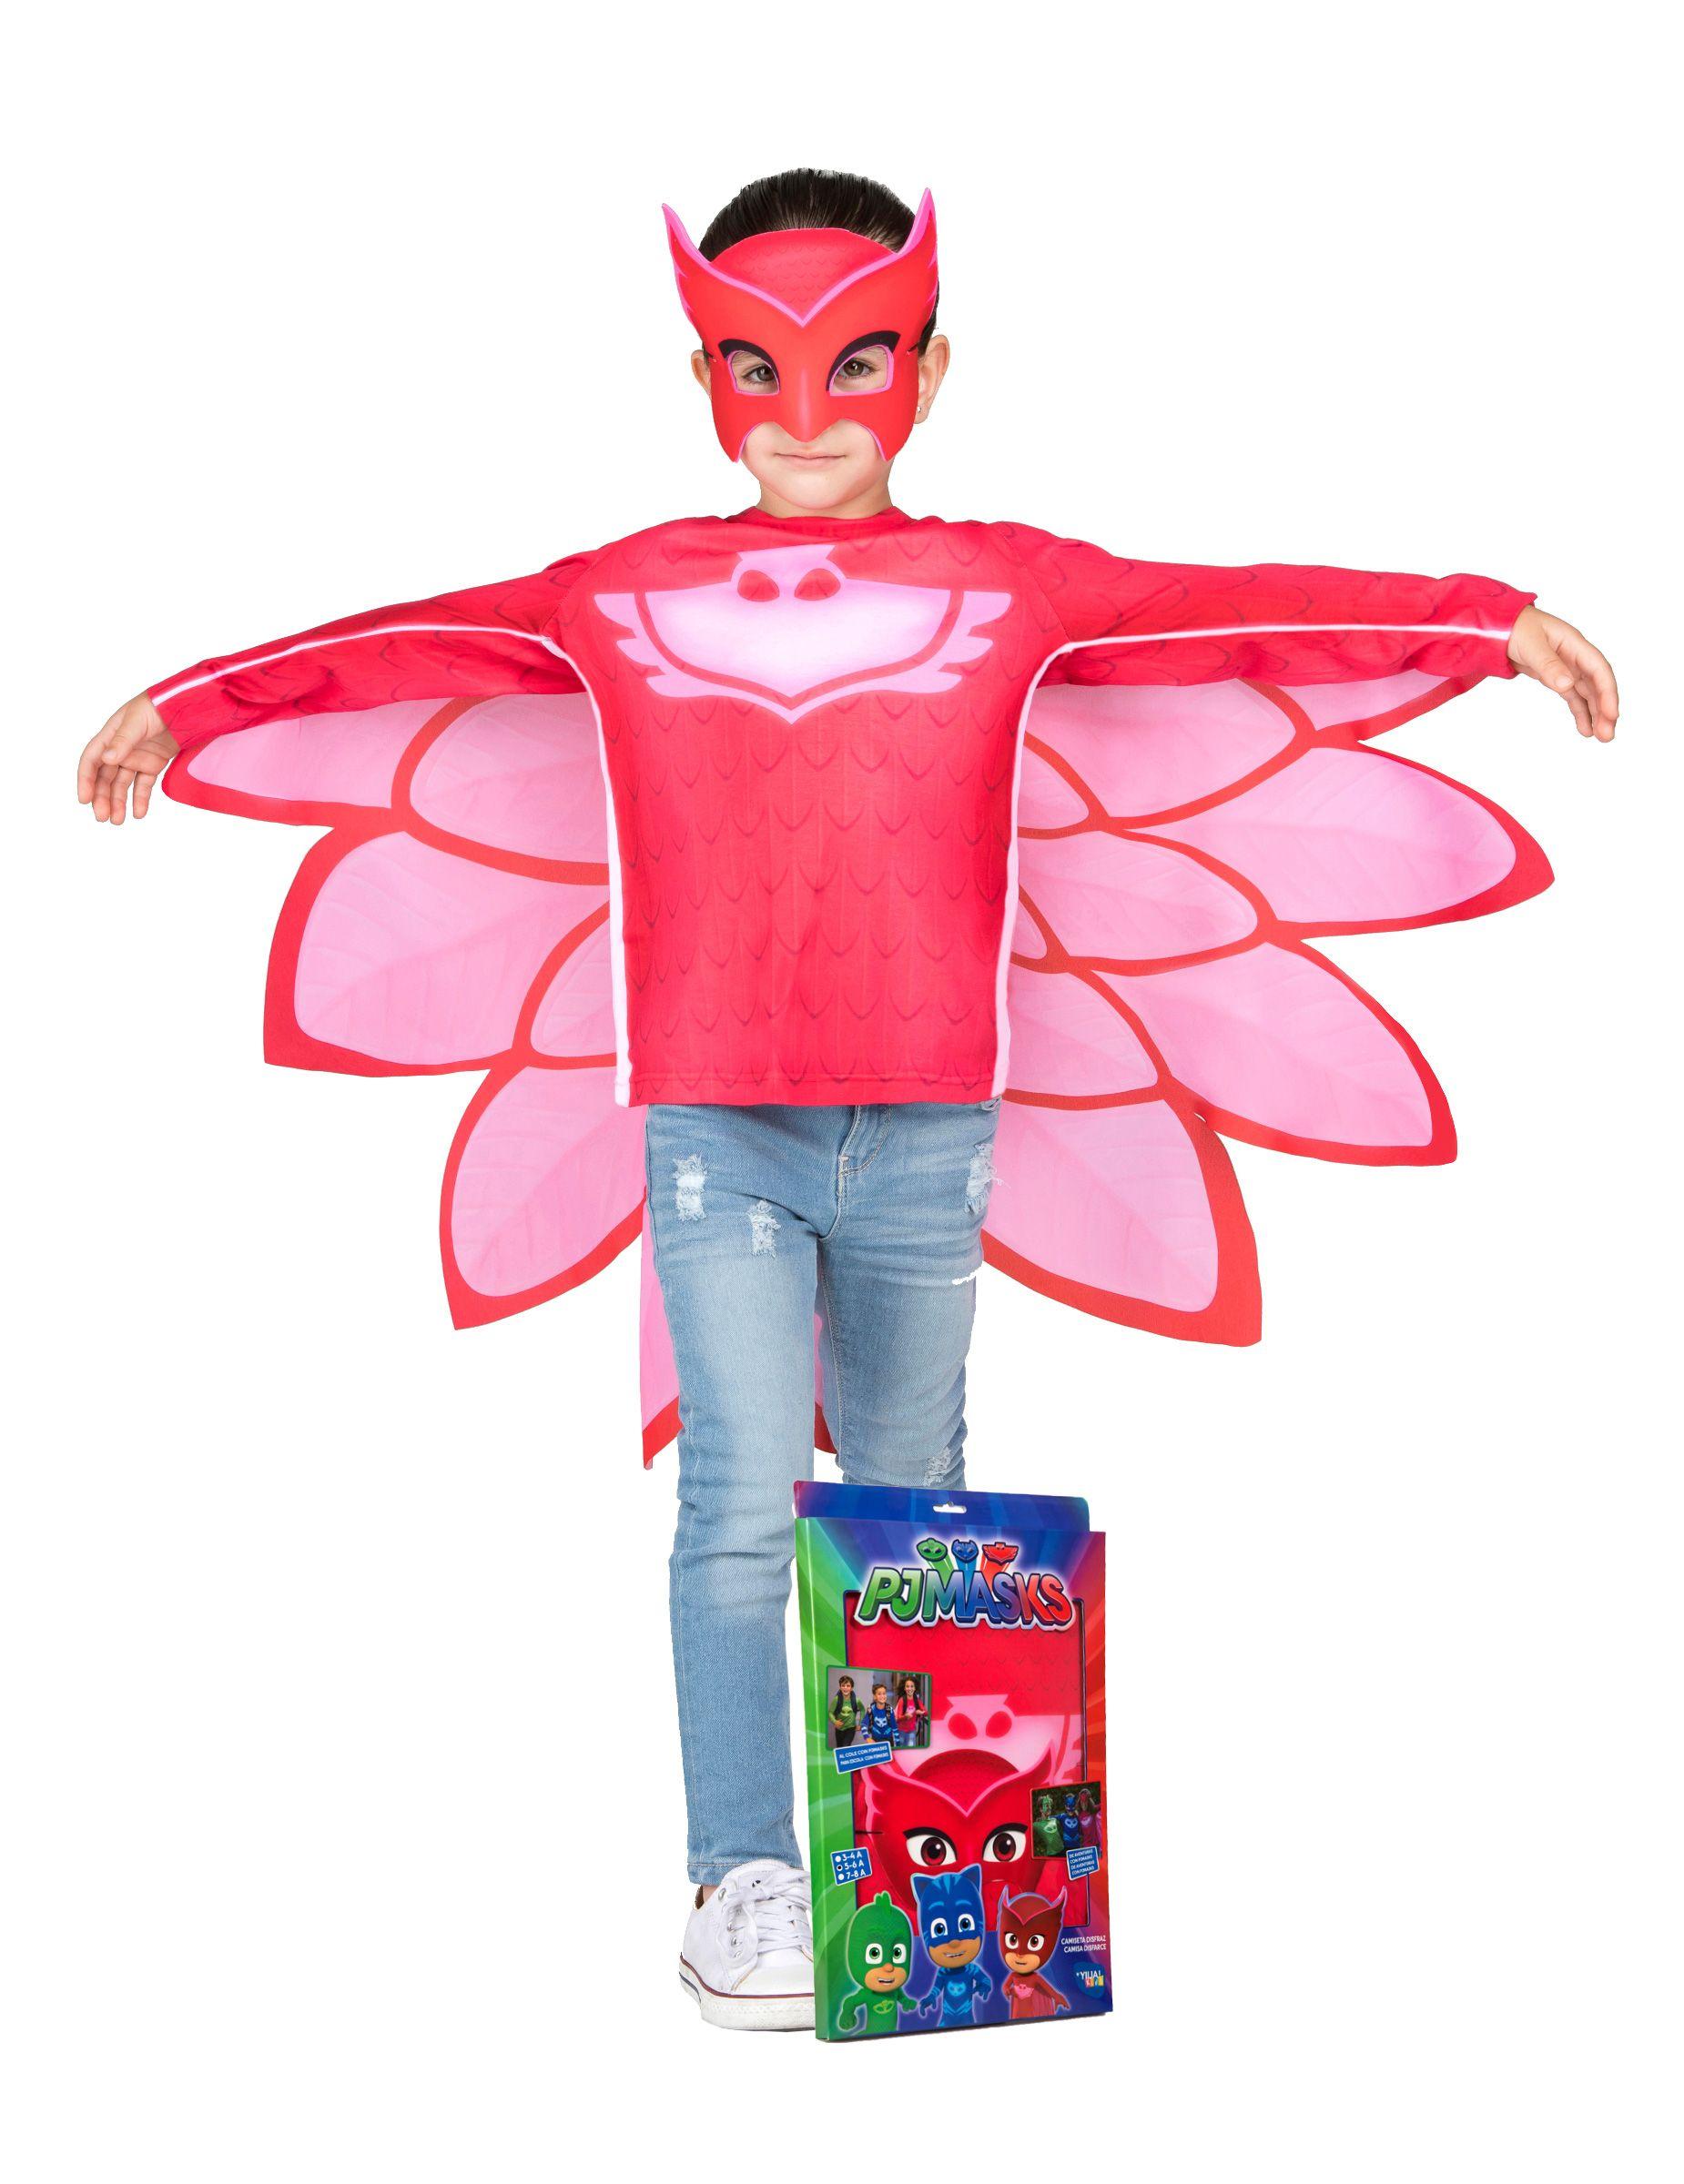 Generique Coffret d/éguisement Yoyo Catboy Pyjamasques Enfant 3 /à 4 Ans